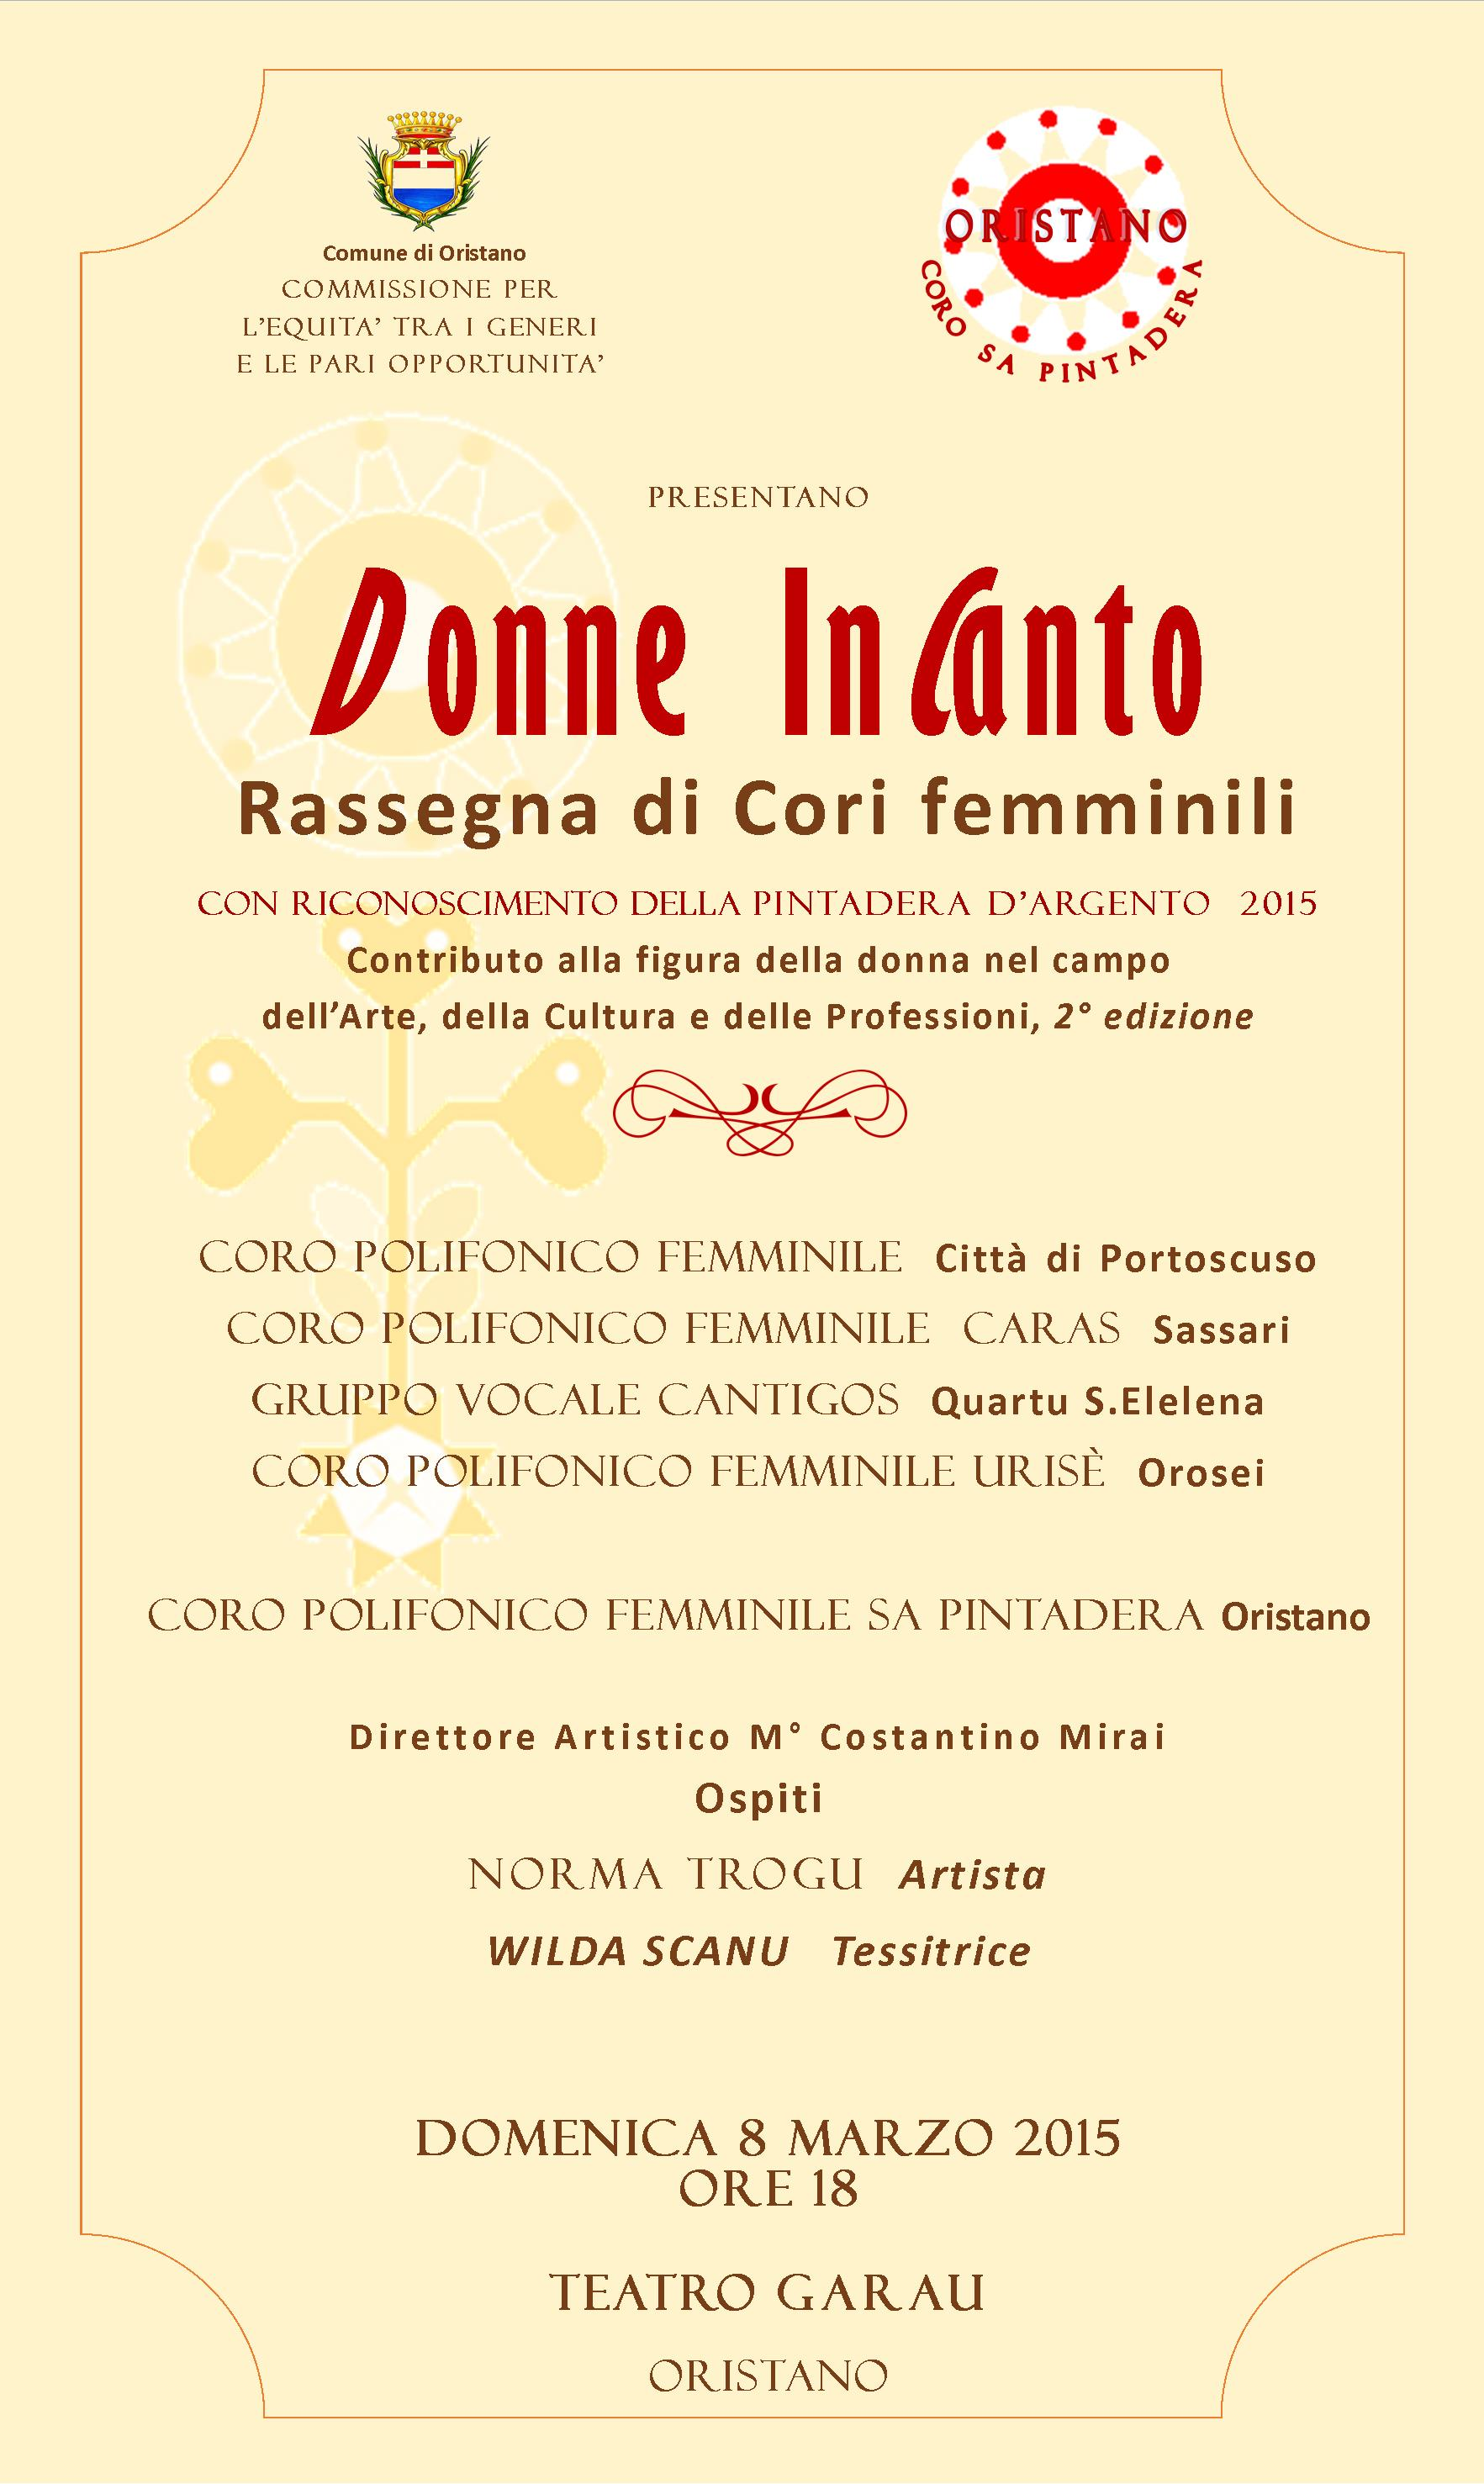 LOCANDINA DONNE INCANTO. Giornata internazionale della donna - Le iniziative in programma a Oristano.